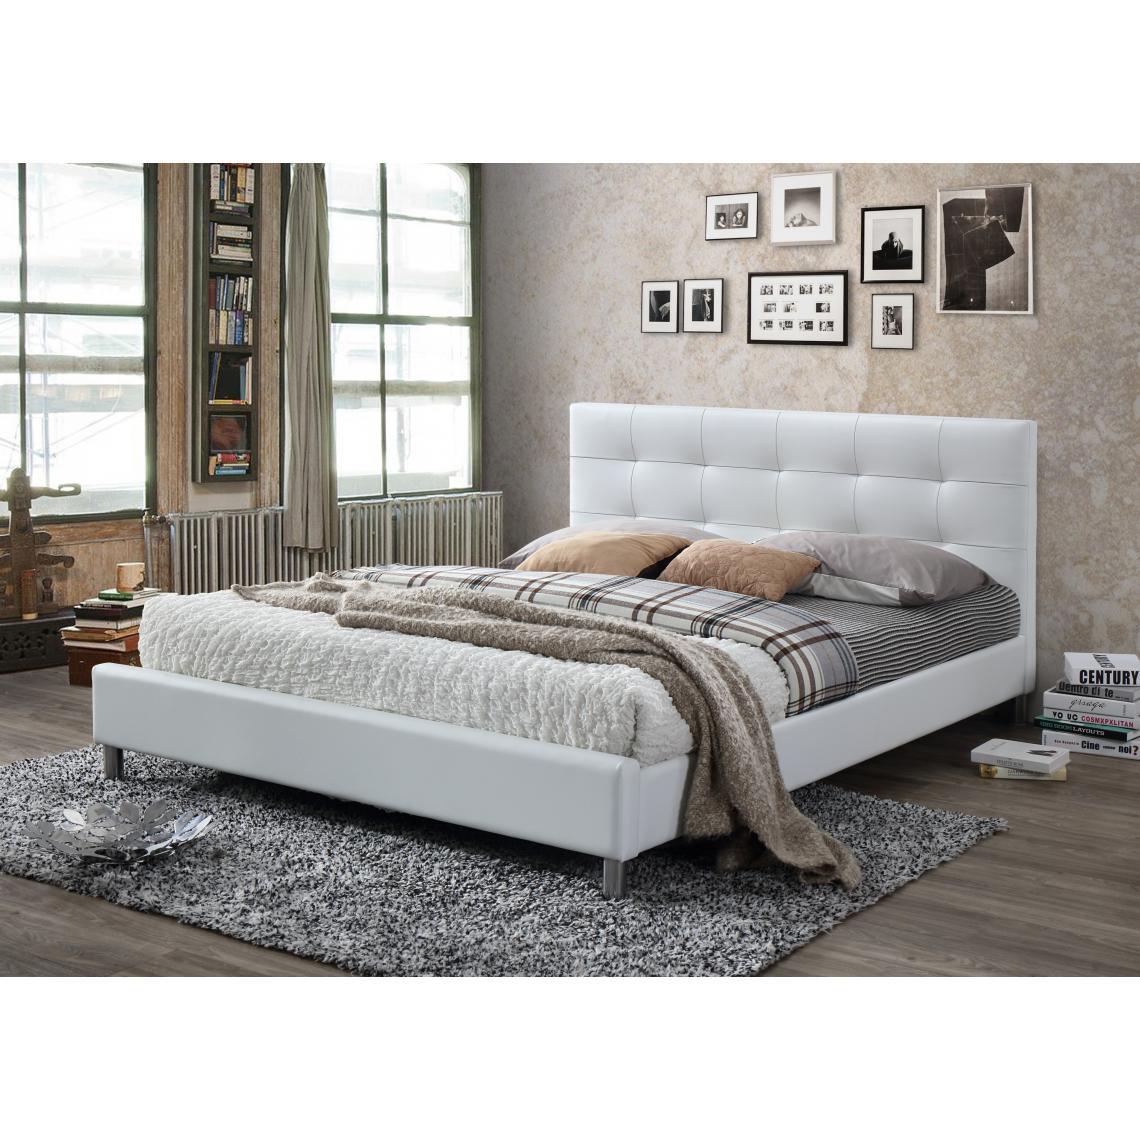 Tete De Lit Ethnique lit blanc avec tête de lit capitonnée 160 nala plus de détails